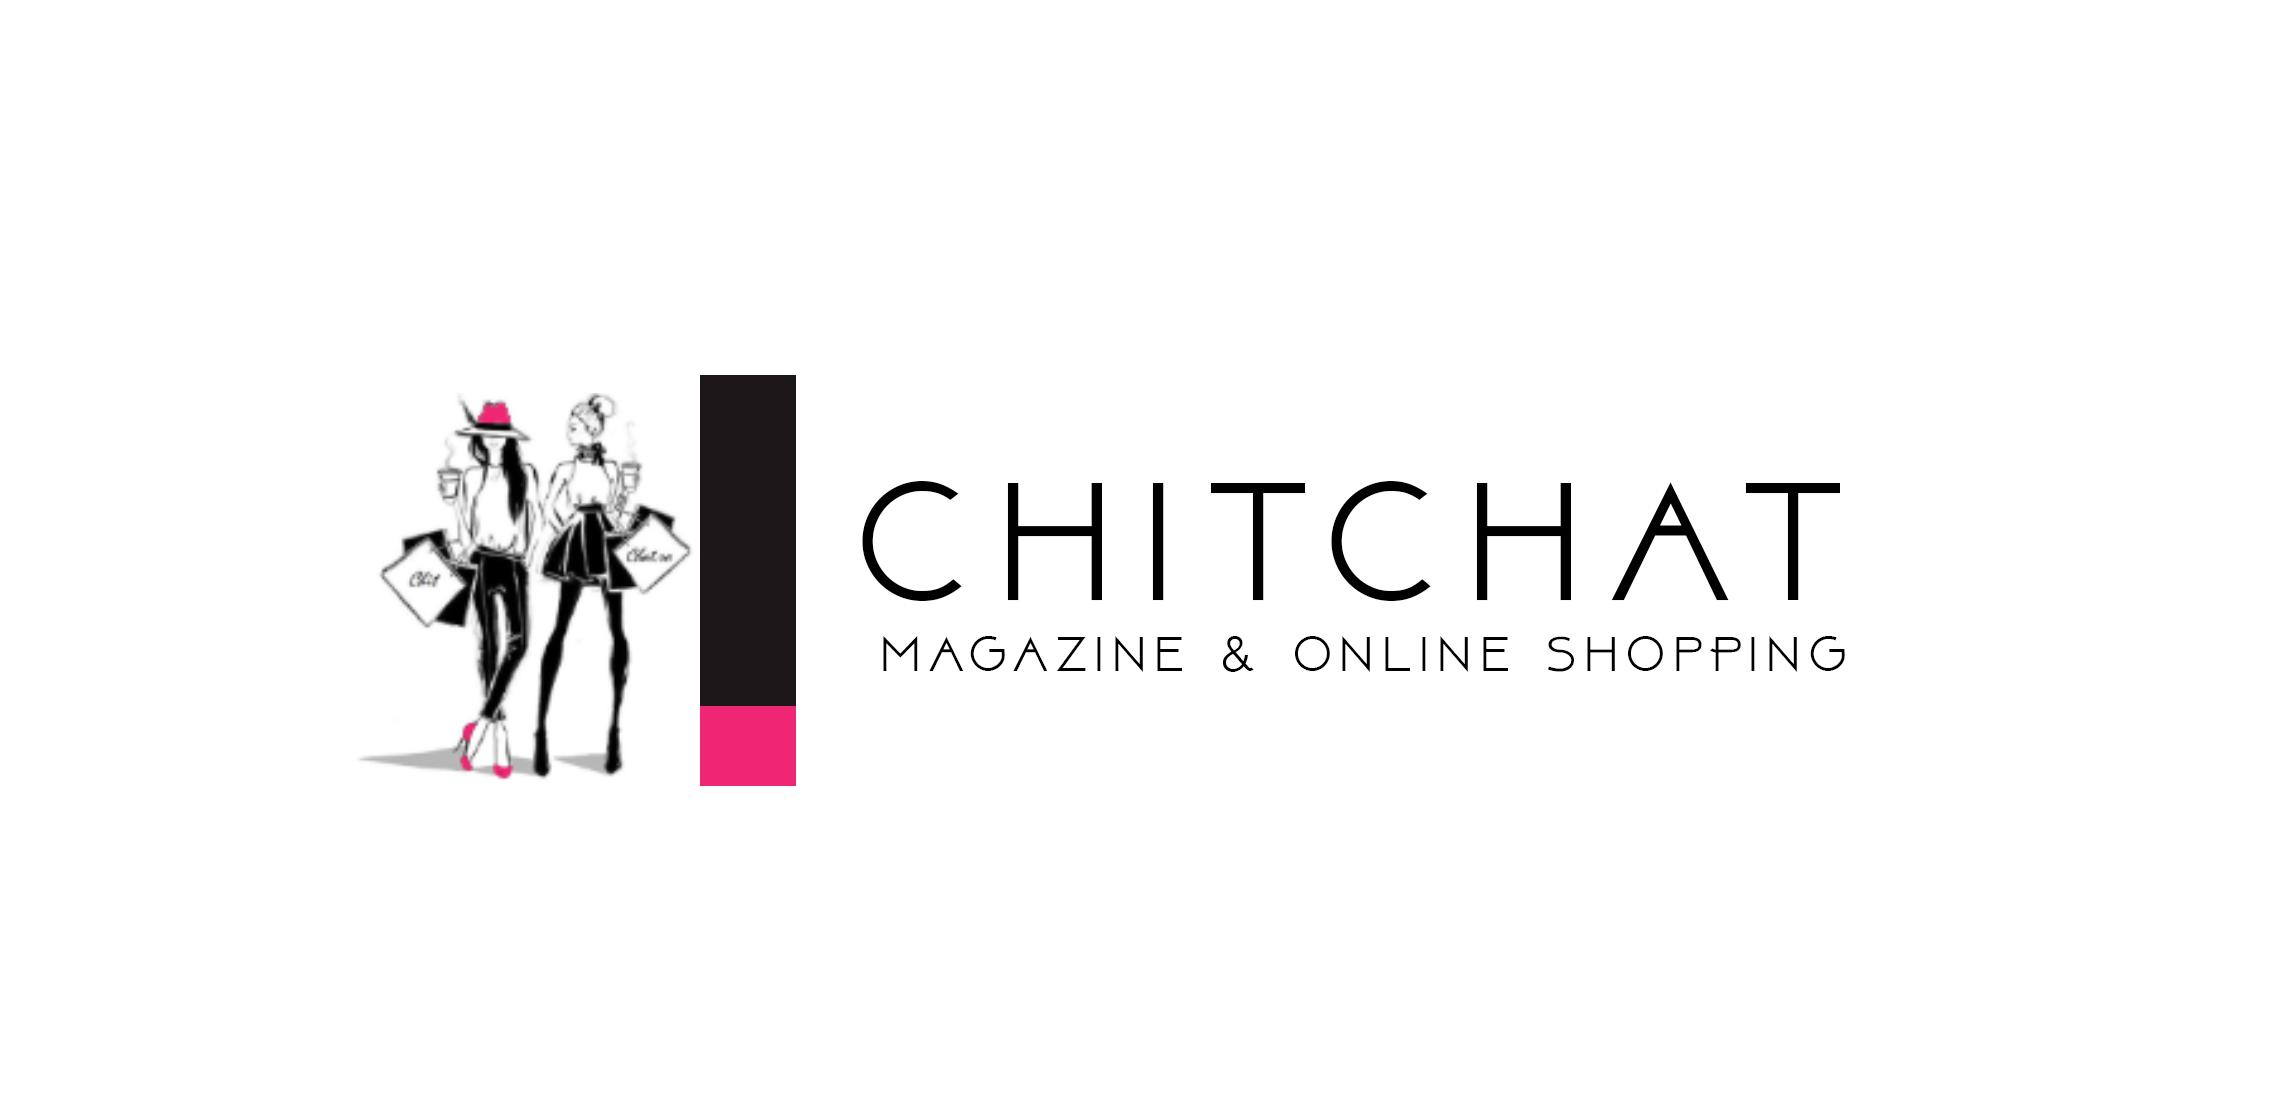 ChitChat.ro